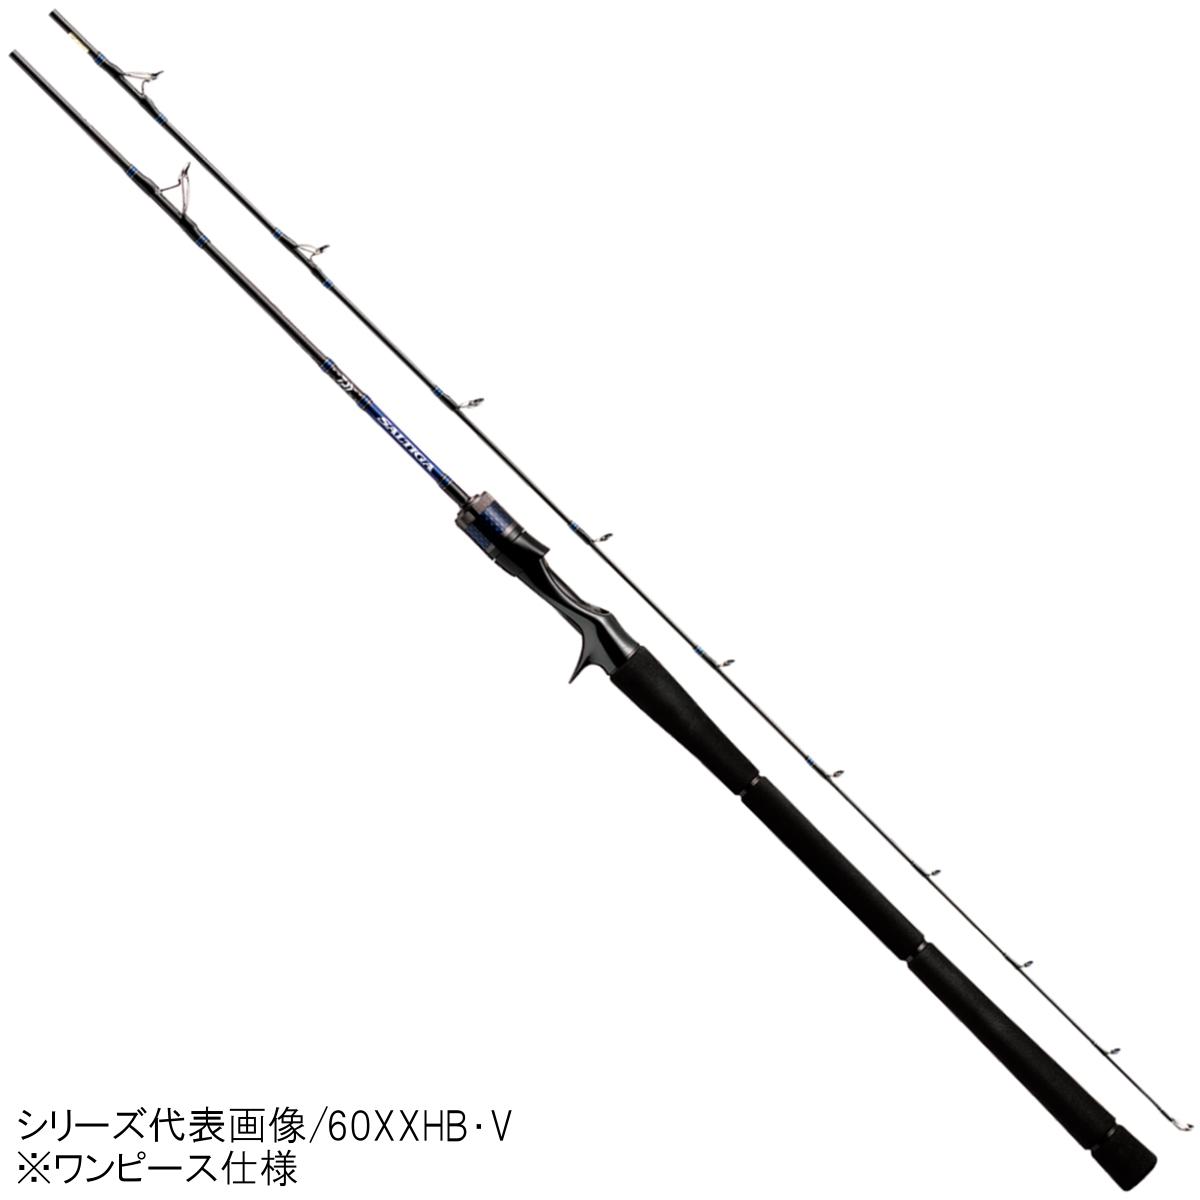 ダイワ ソルティガ BJ ハイレスポンス 62HB・V【大型商品】